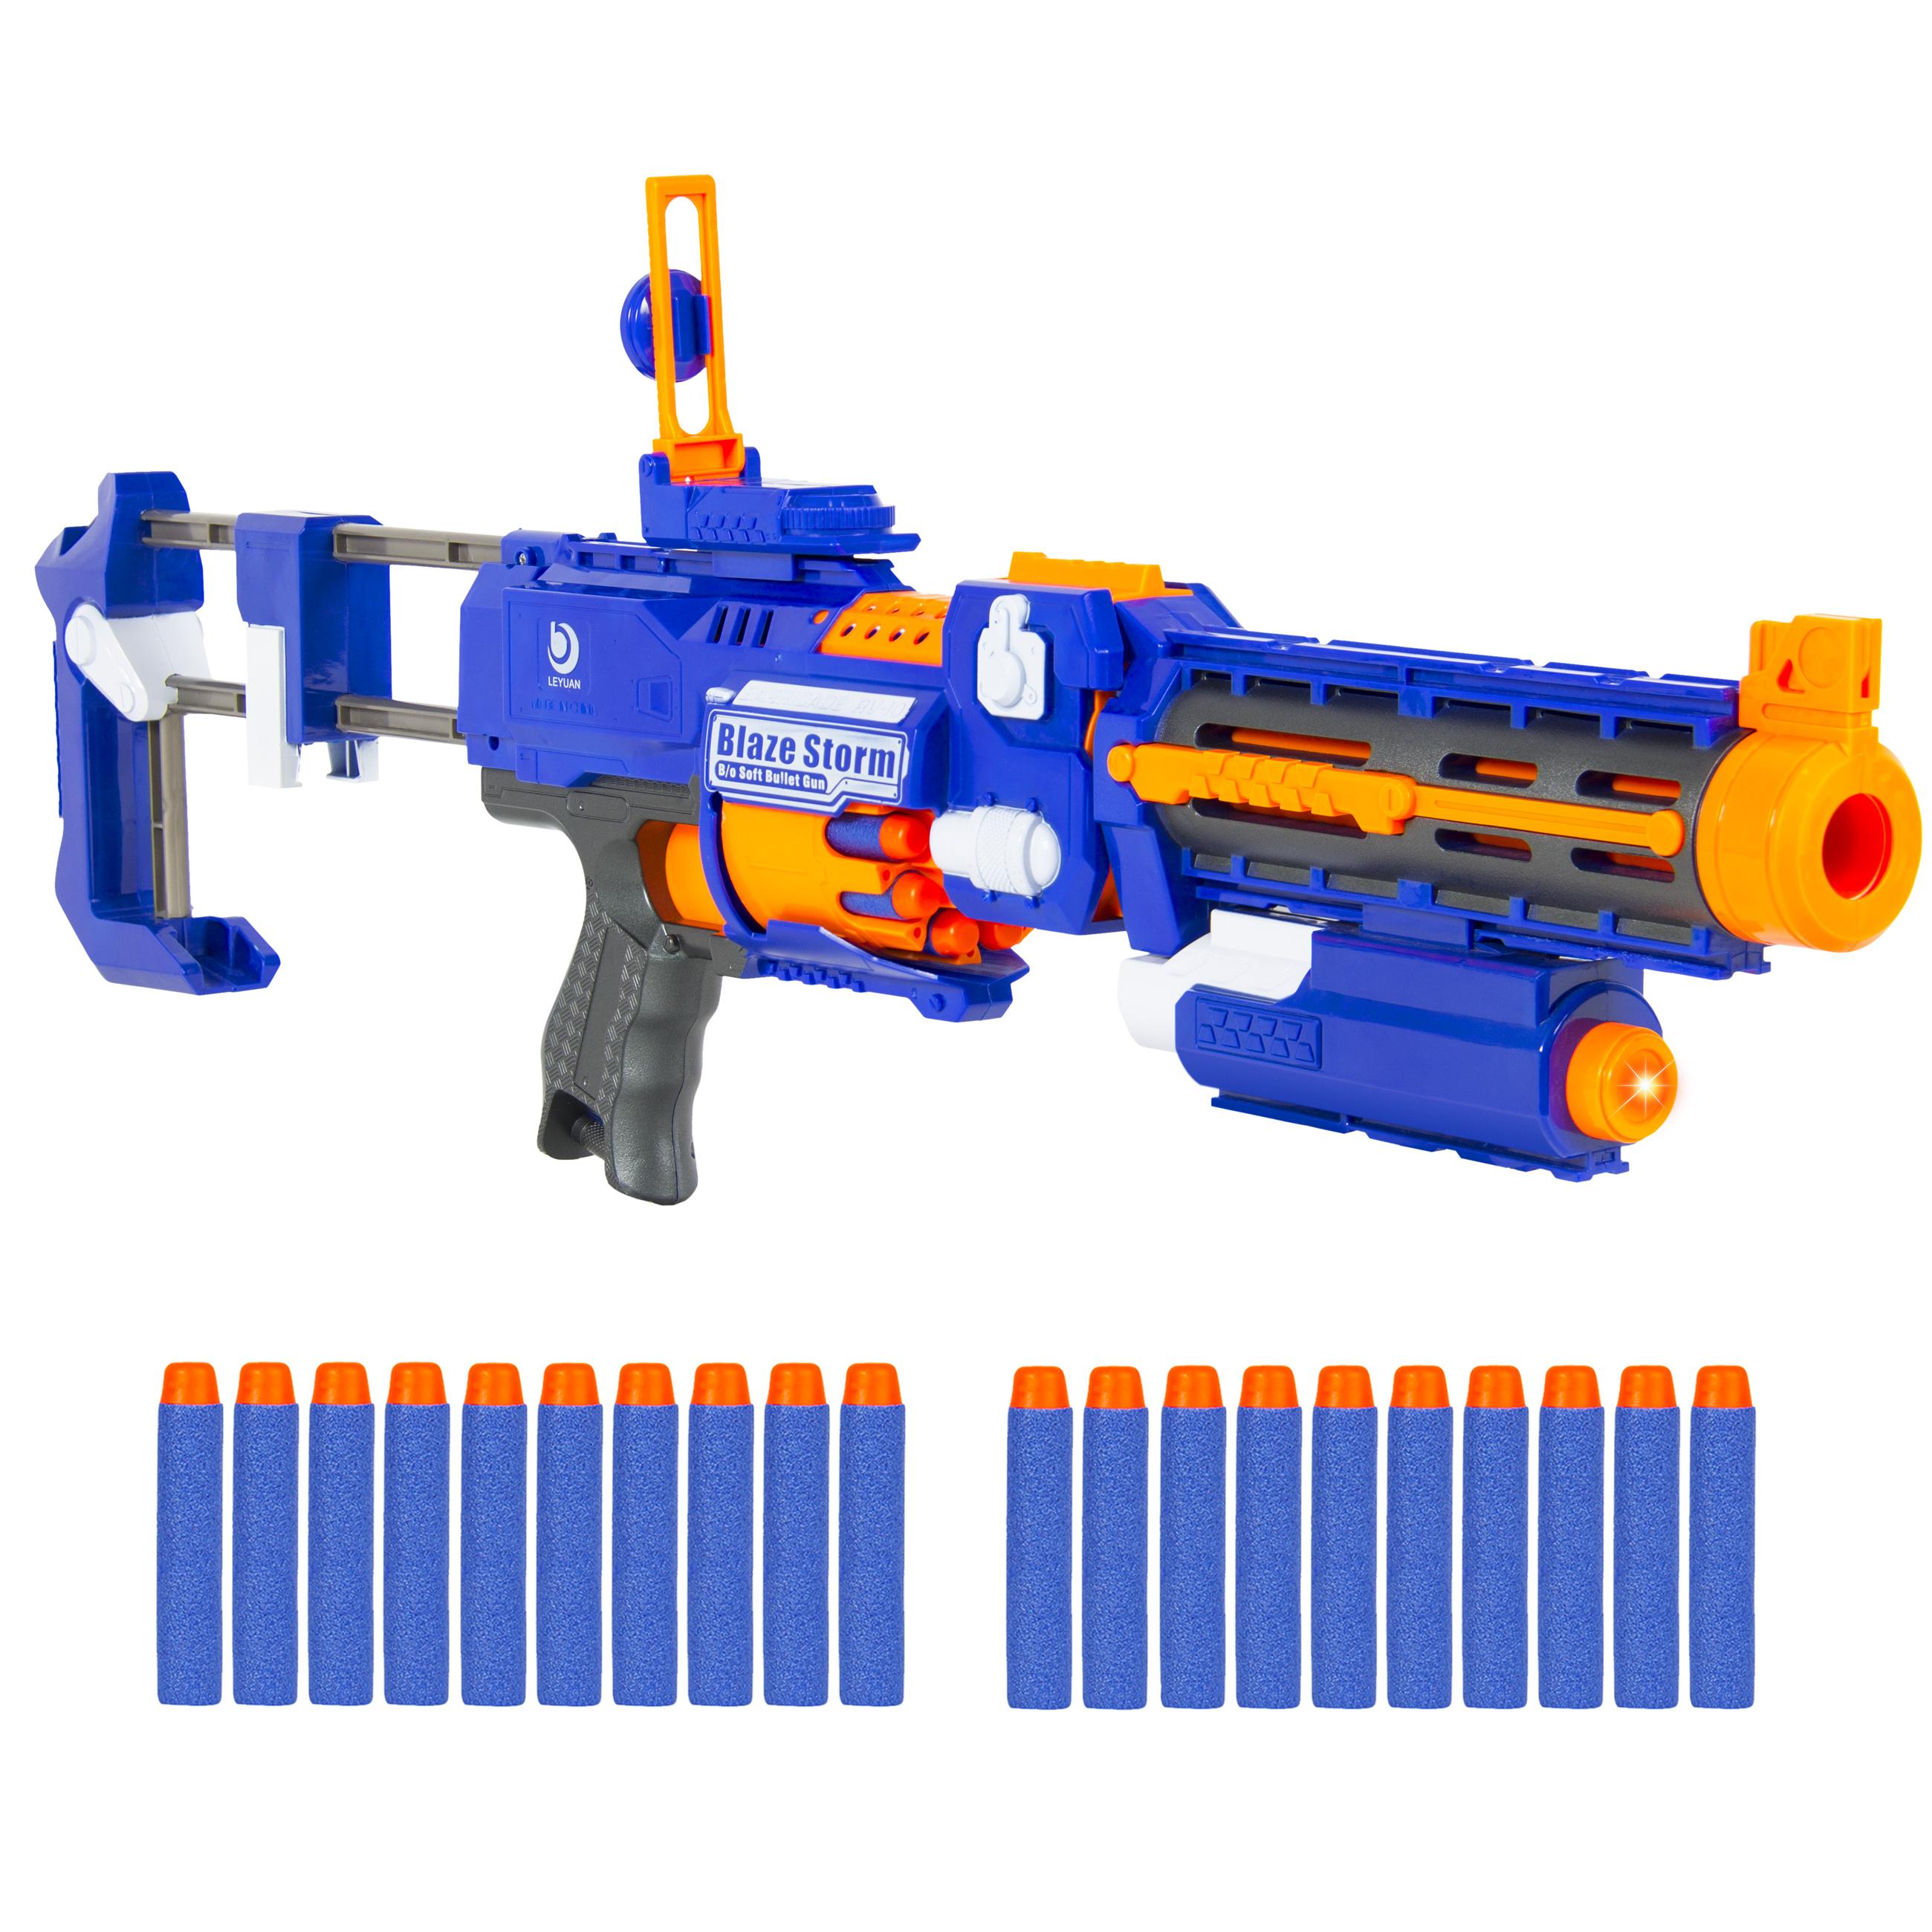 Blaze Storm Gun big gun 40 soft bullets gun with. kids gun soft bullets gun